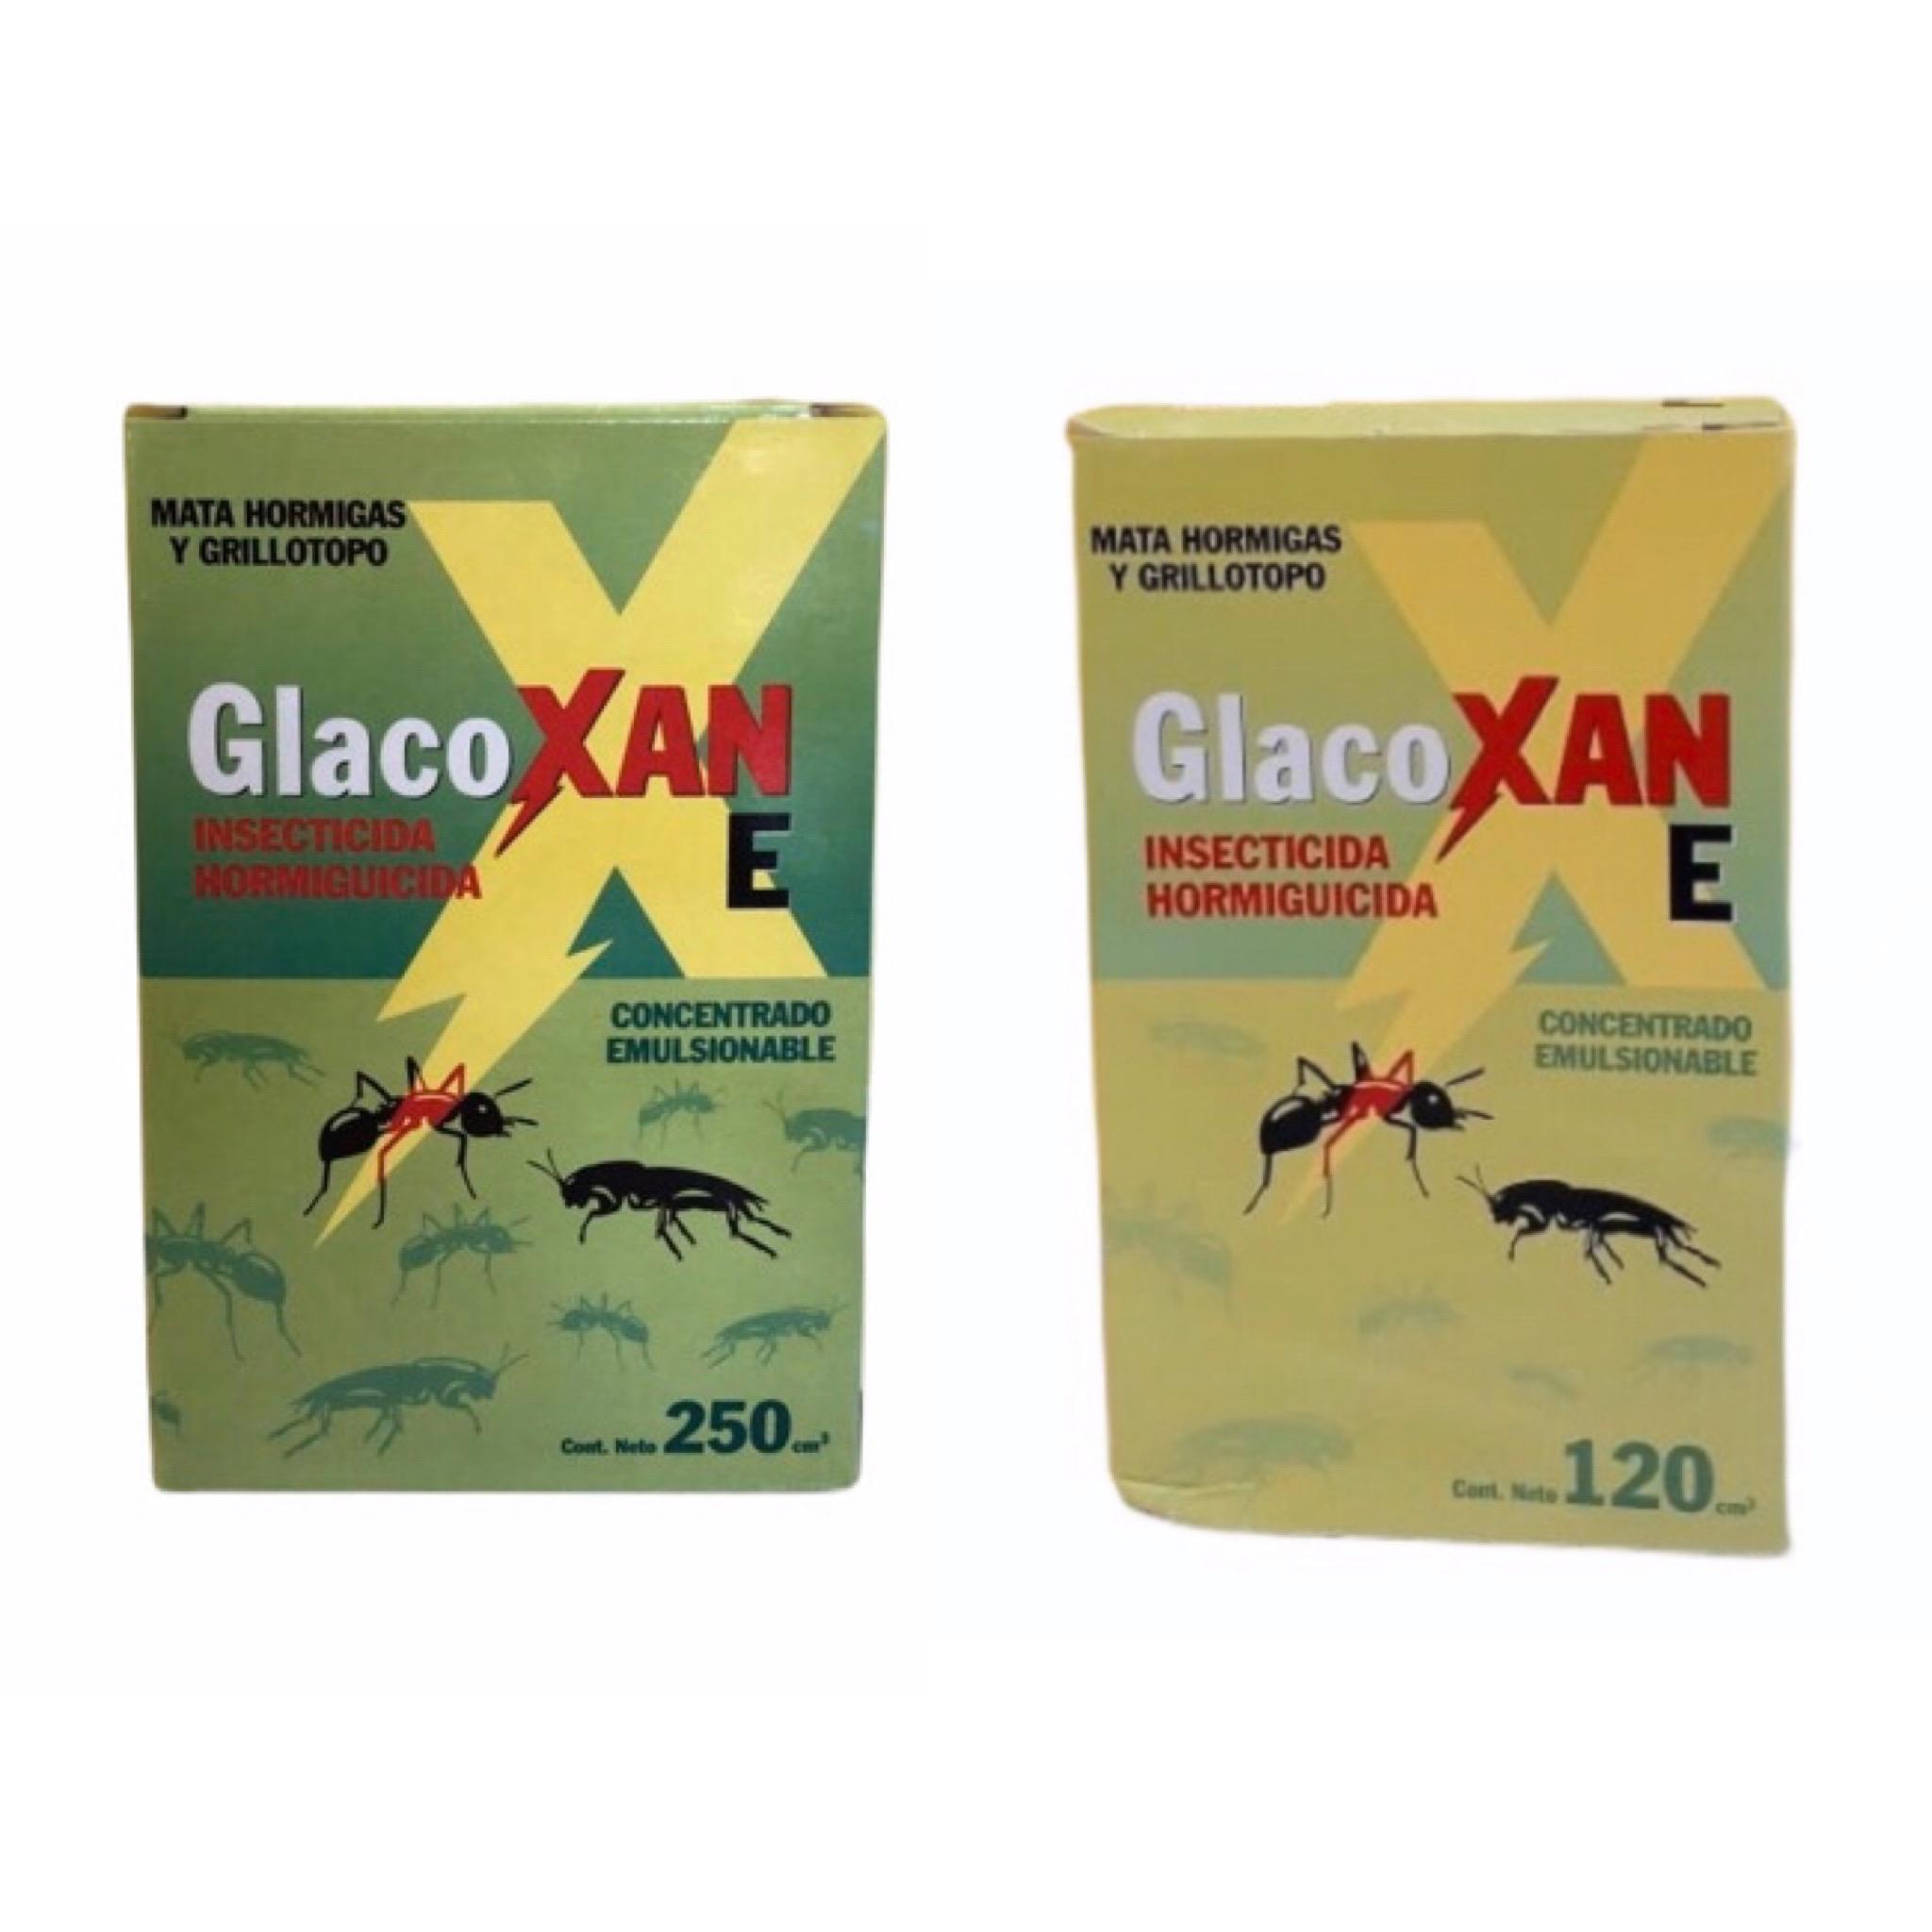 Glacoxan insecticida hormiguicida